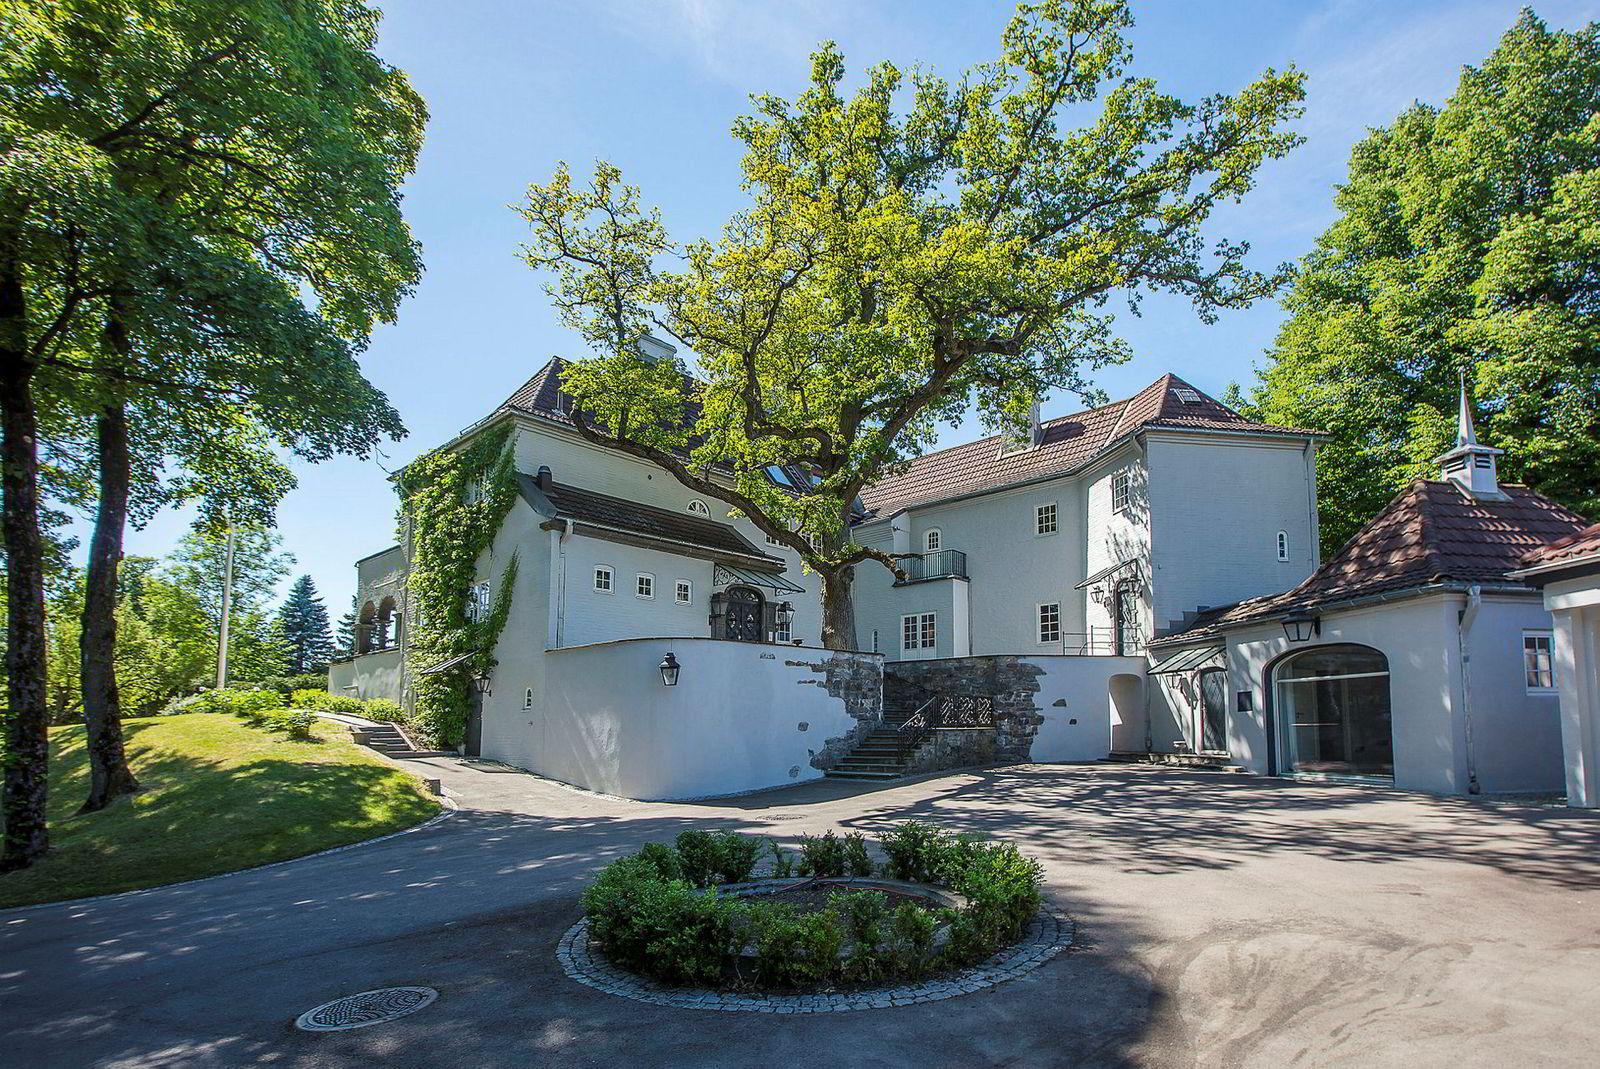 Huset på nær 1000 kvadratmeter kan selges for femte gang siden 2006 om det blir solgt igjen.